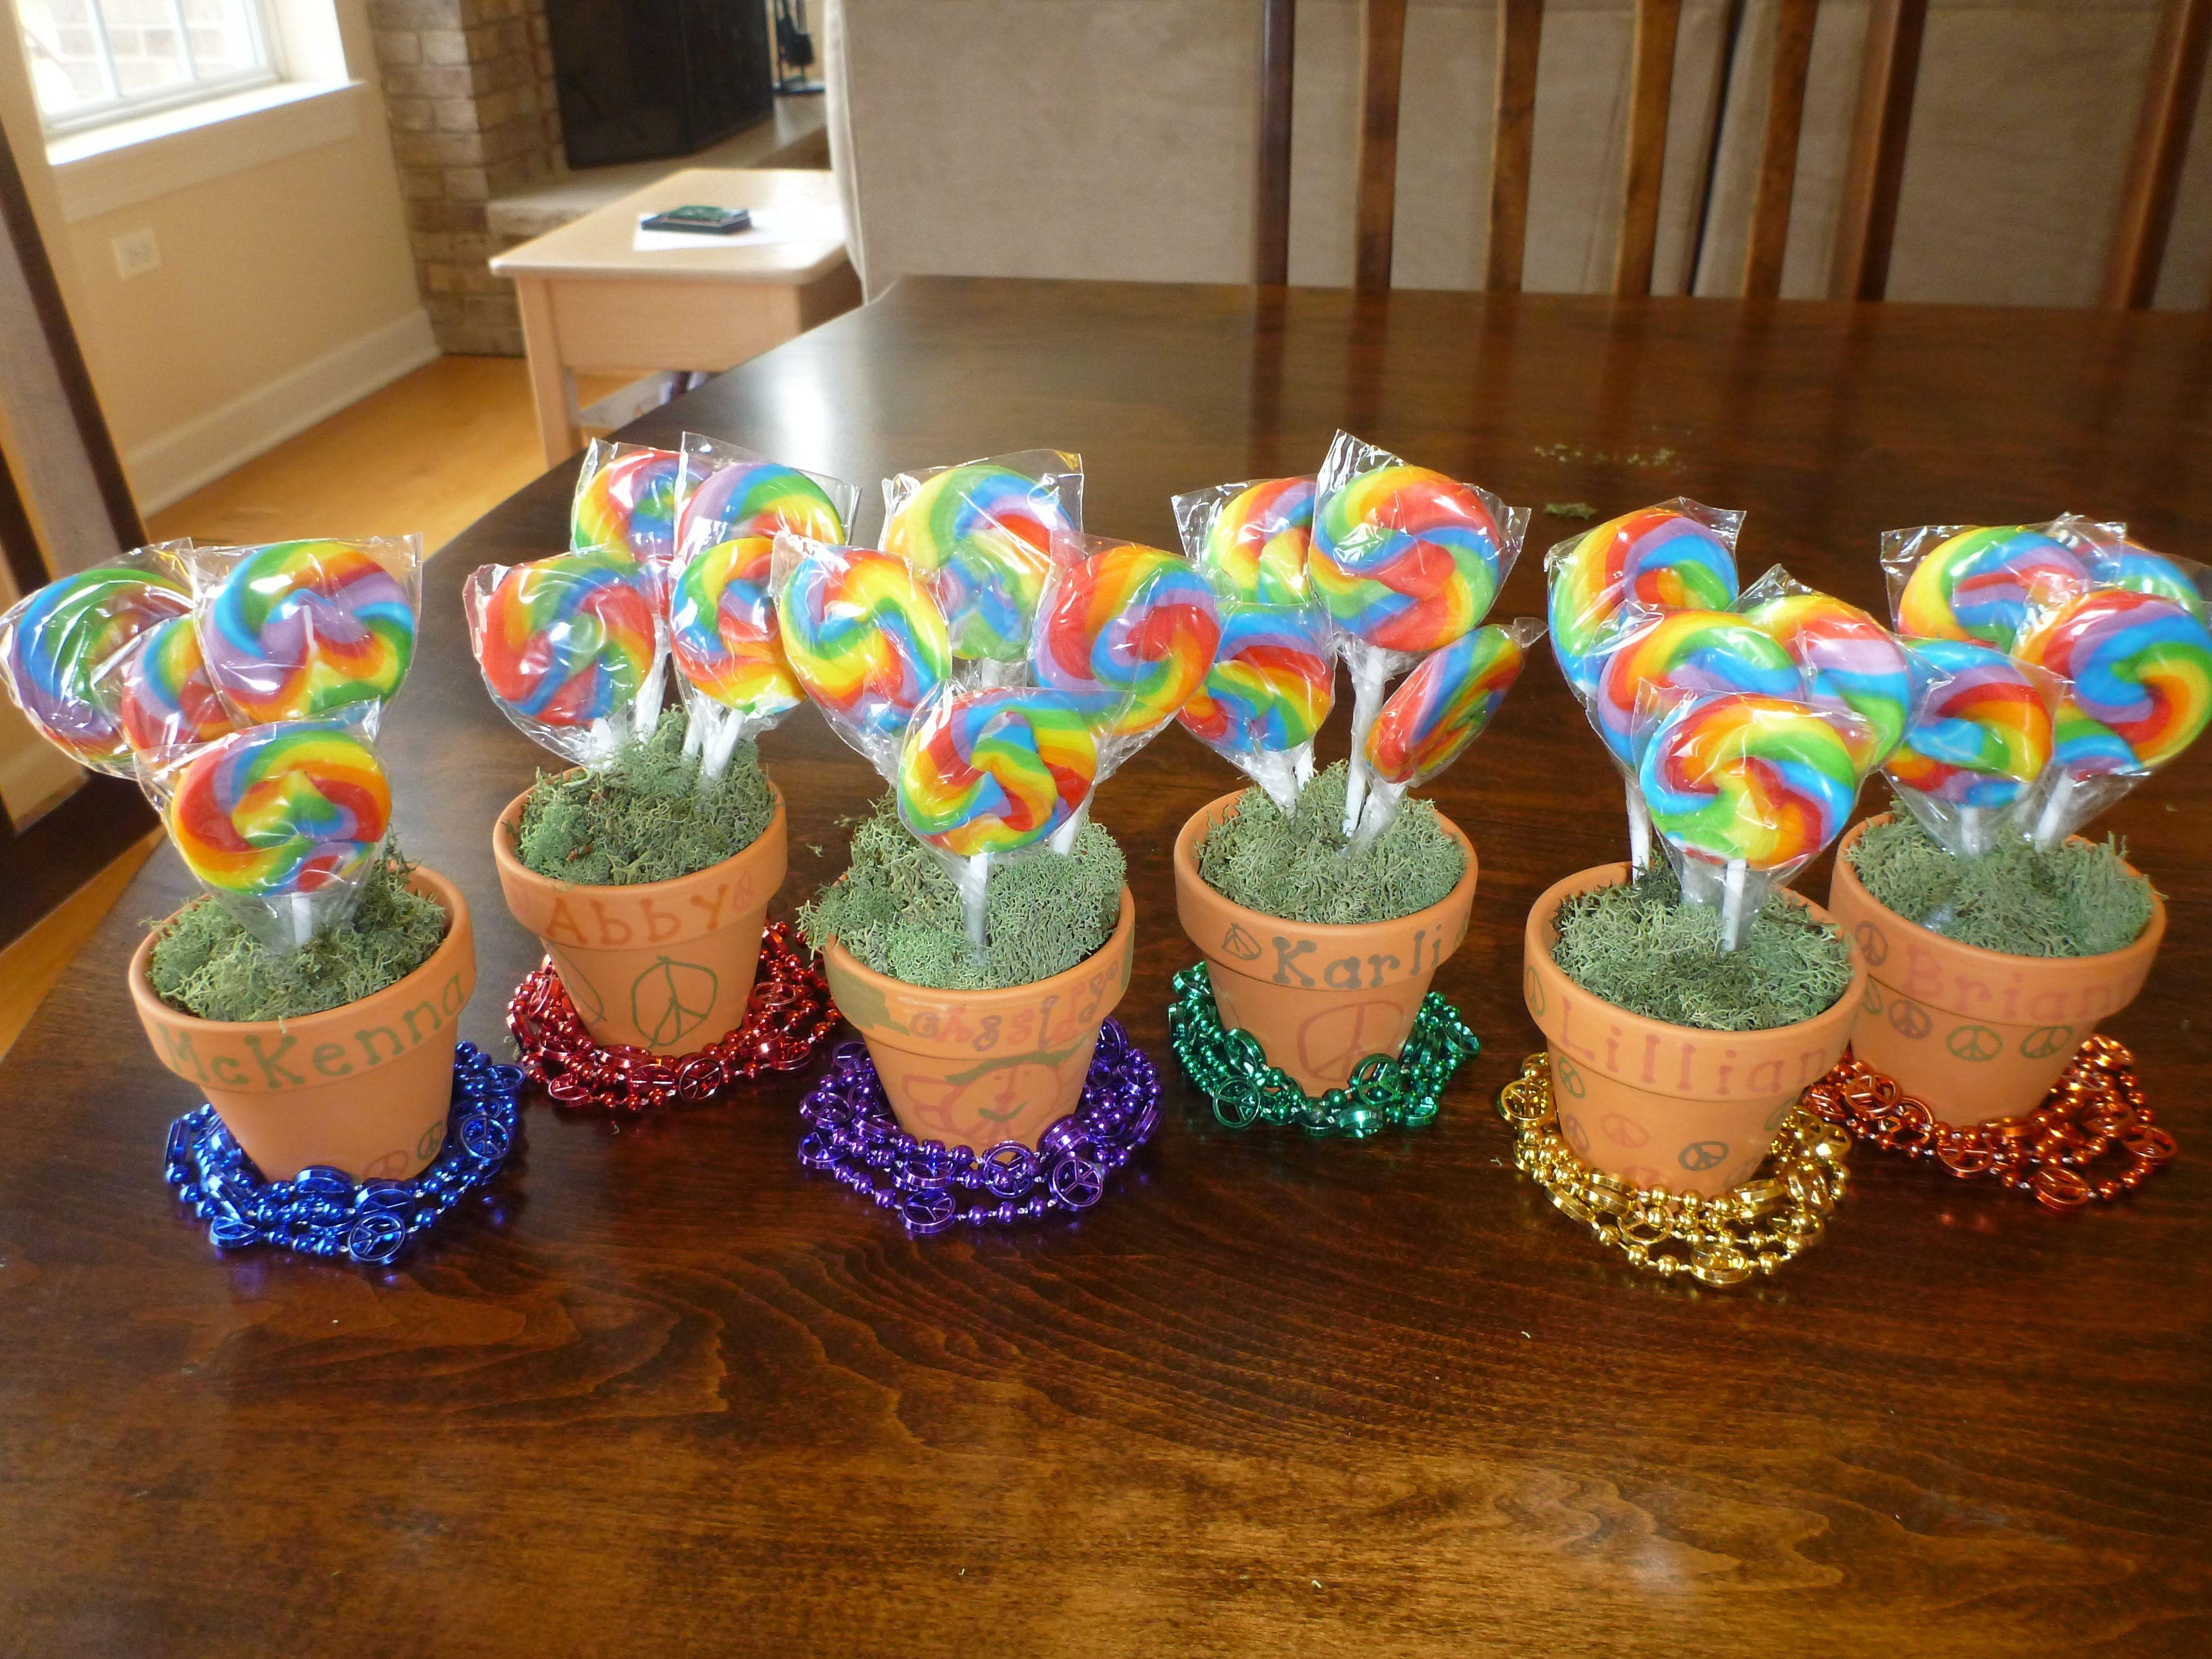 Party Favors For 6 Year Old Birthday Rainbow Peace Sign Theme S Cute Goo Bag Idea